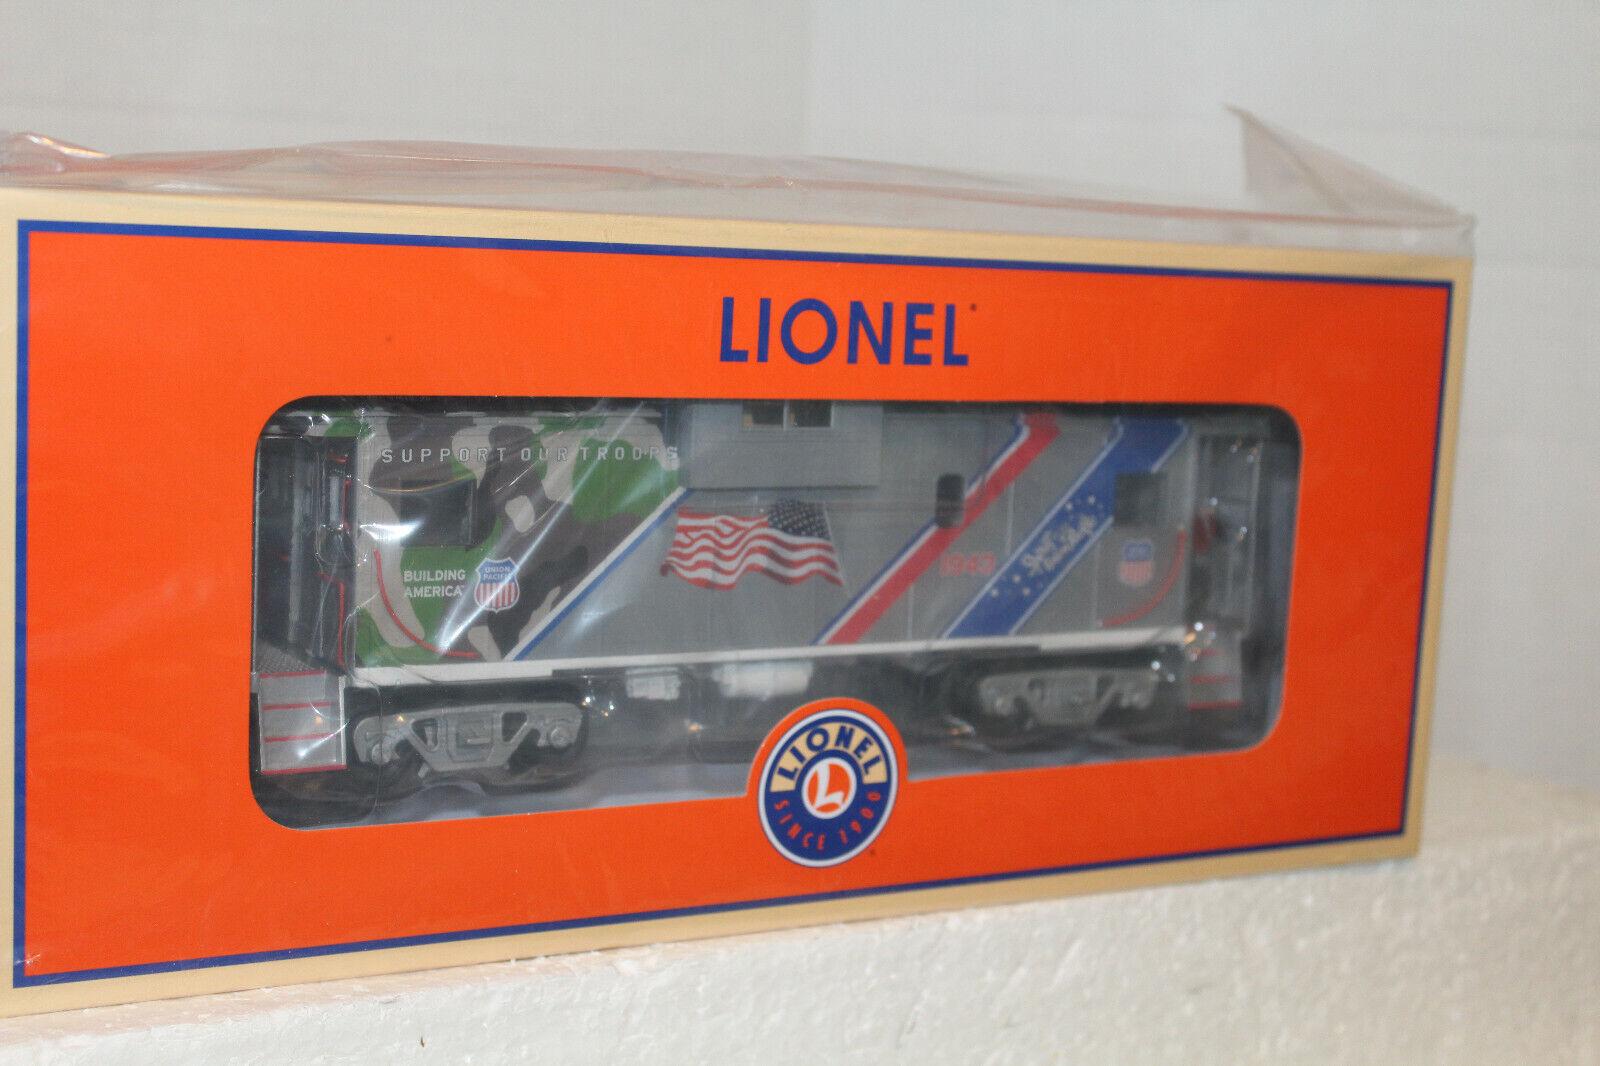 precioso Lionel Lionel Lionel  85316 Unión Pacific Wide Vision Caboose  aquí tiene la última